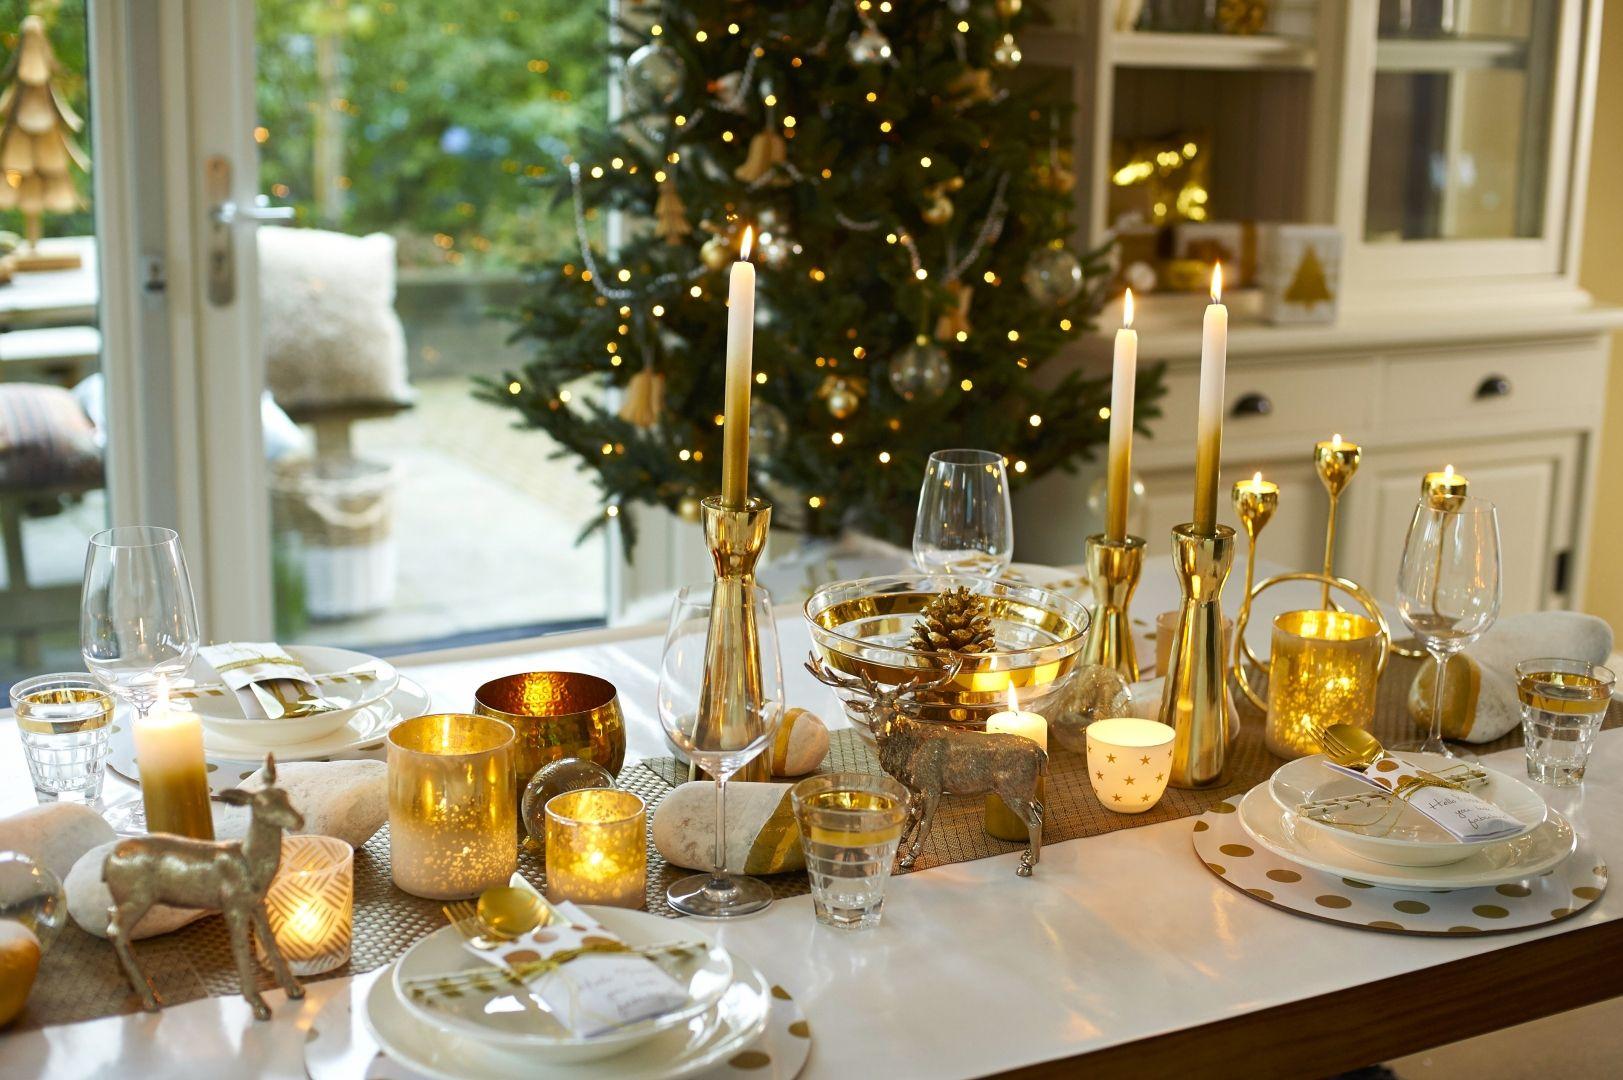 Feestdagen Natuurlijke Kerstdecoratie : Feestdagen feestdagen kerst kerstmis en gouden kerst